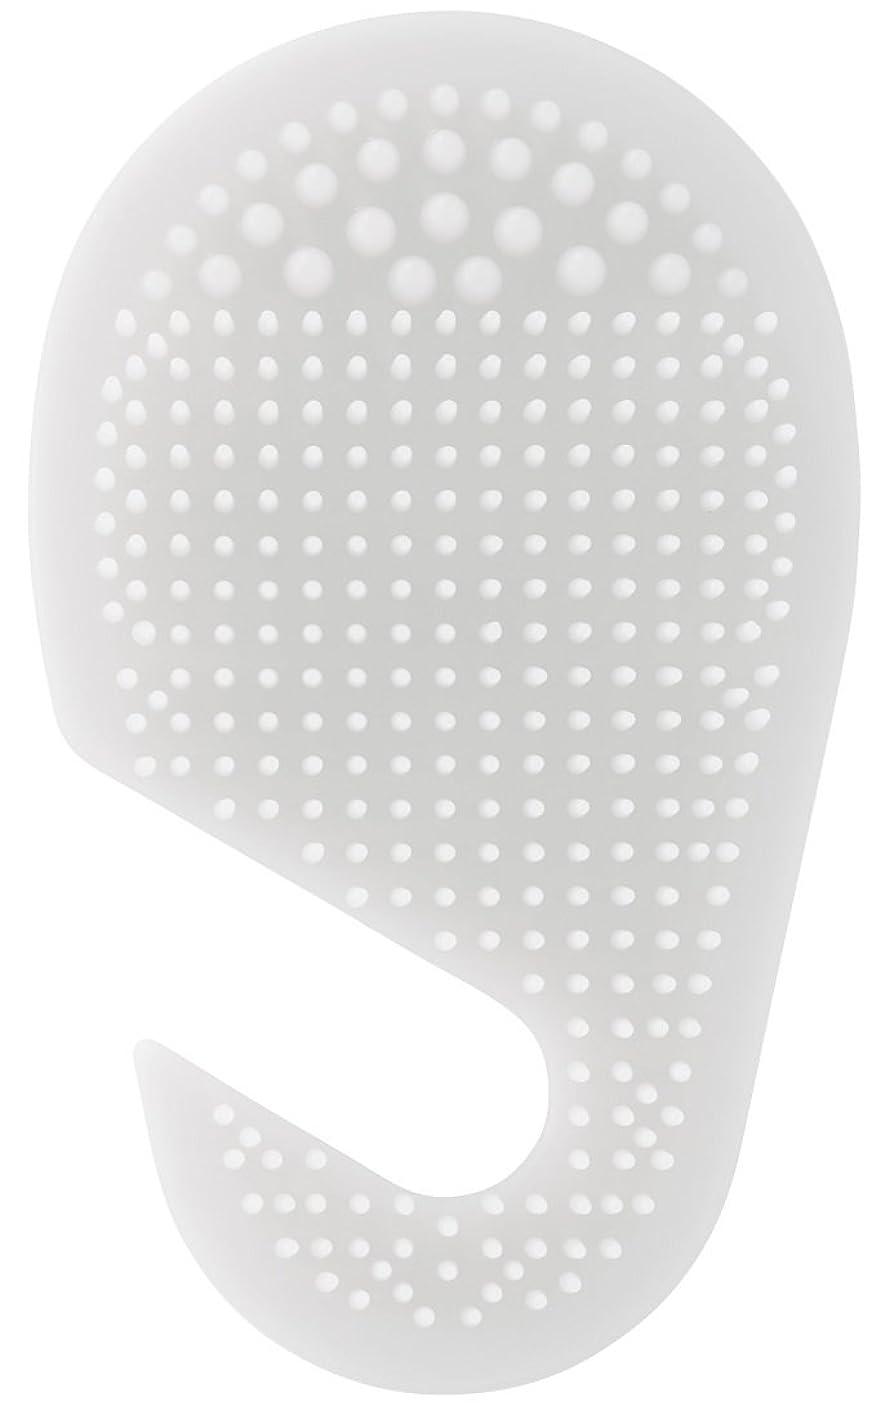 脚問題内向きスケーター 足の裏用 マッサージ ブラシ 10.2×2×17cm ホワイト SLFT1